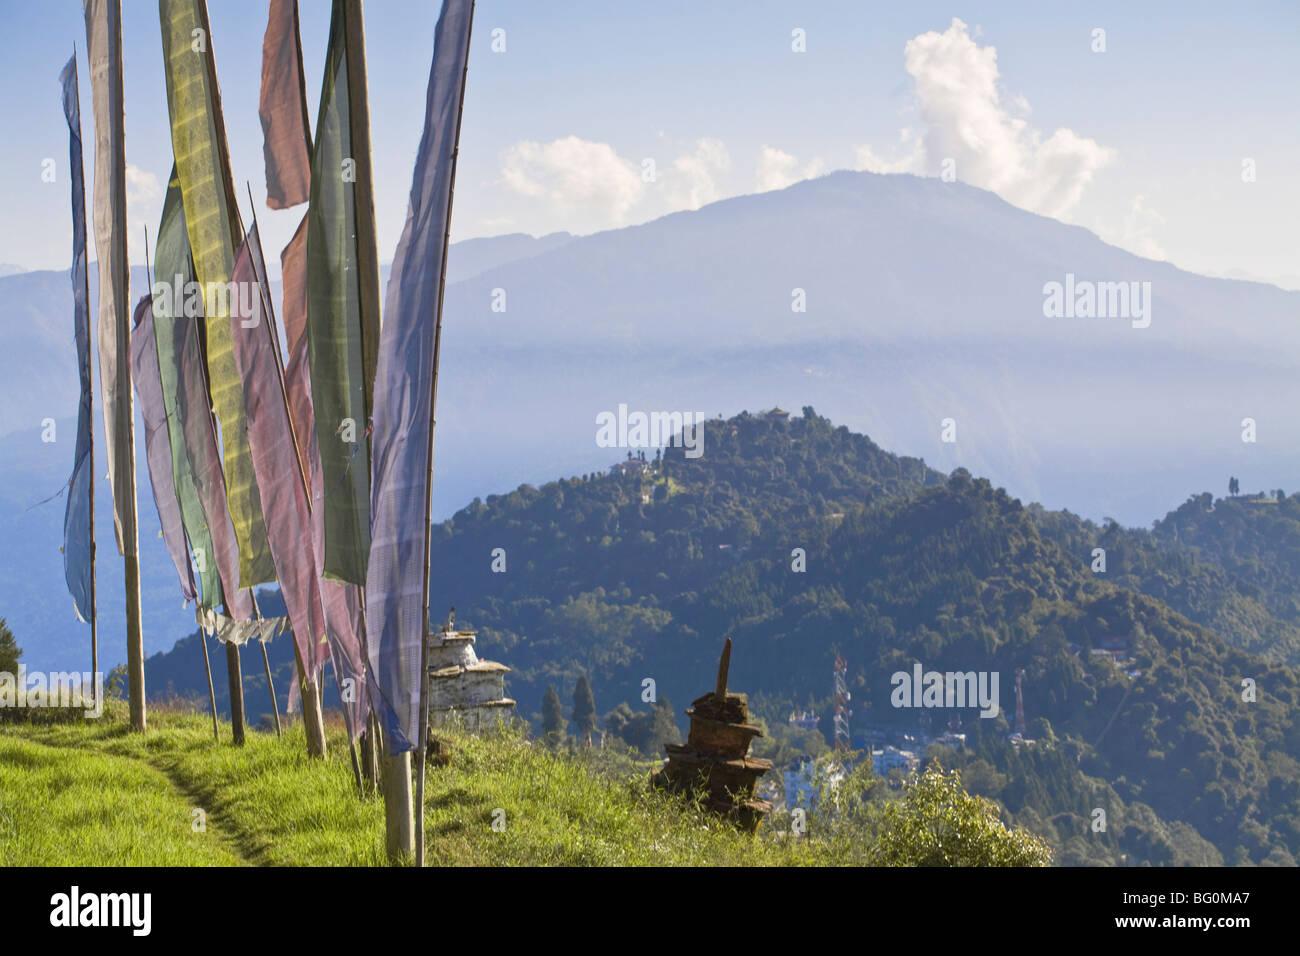 Sangachoeling Gompa, a segunda mais antiga Gompa em Sikkim, Pelling, Sikkim, Índia, Ásia Imagens de Stock